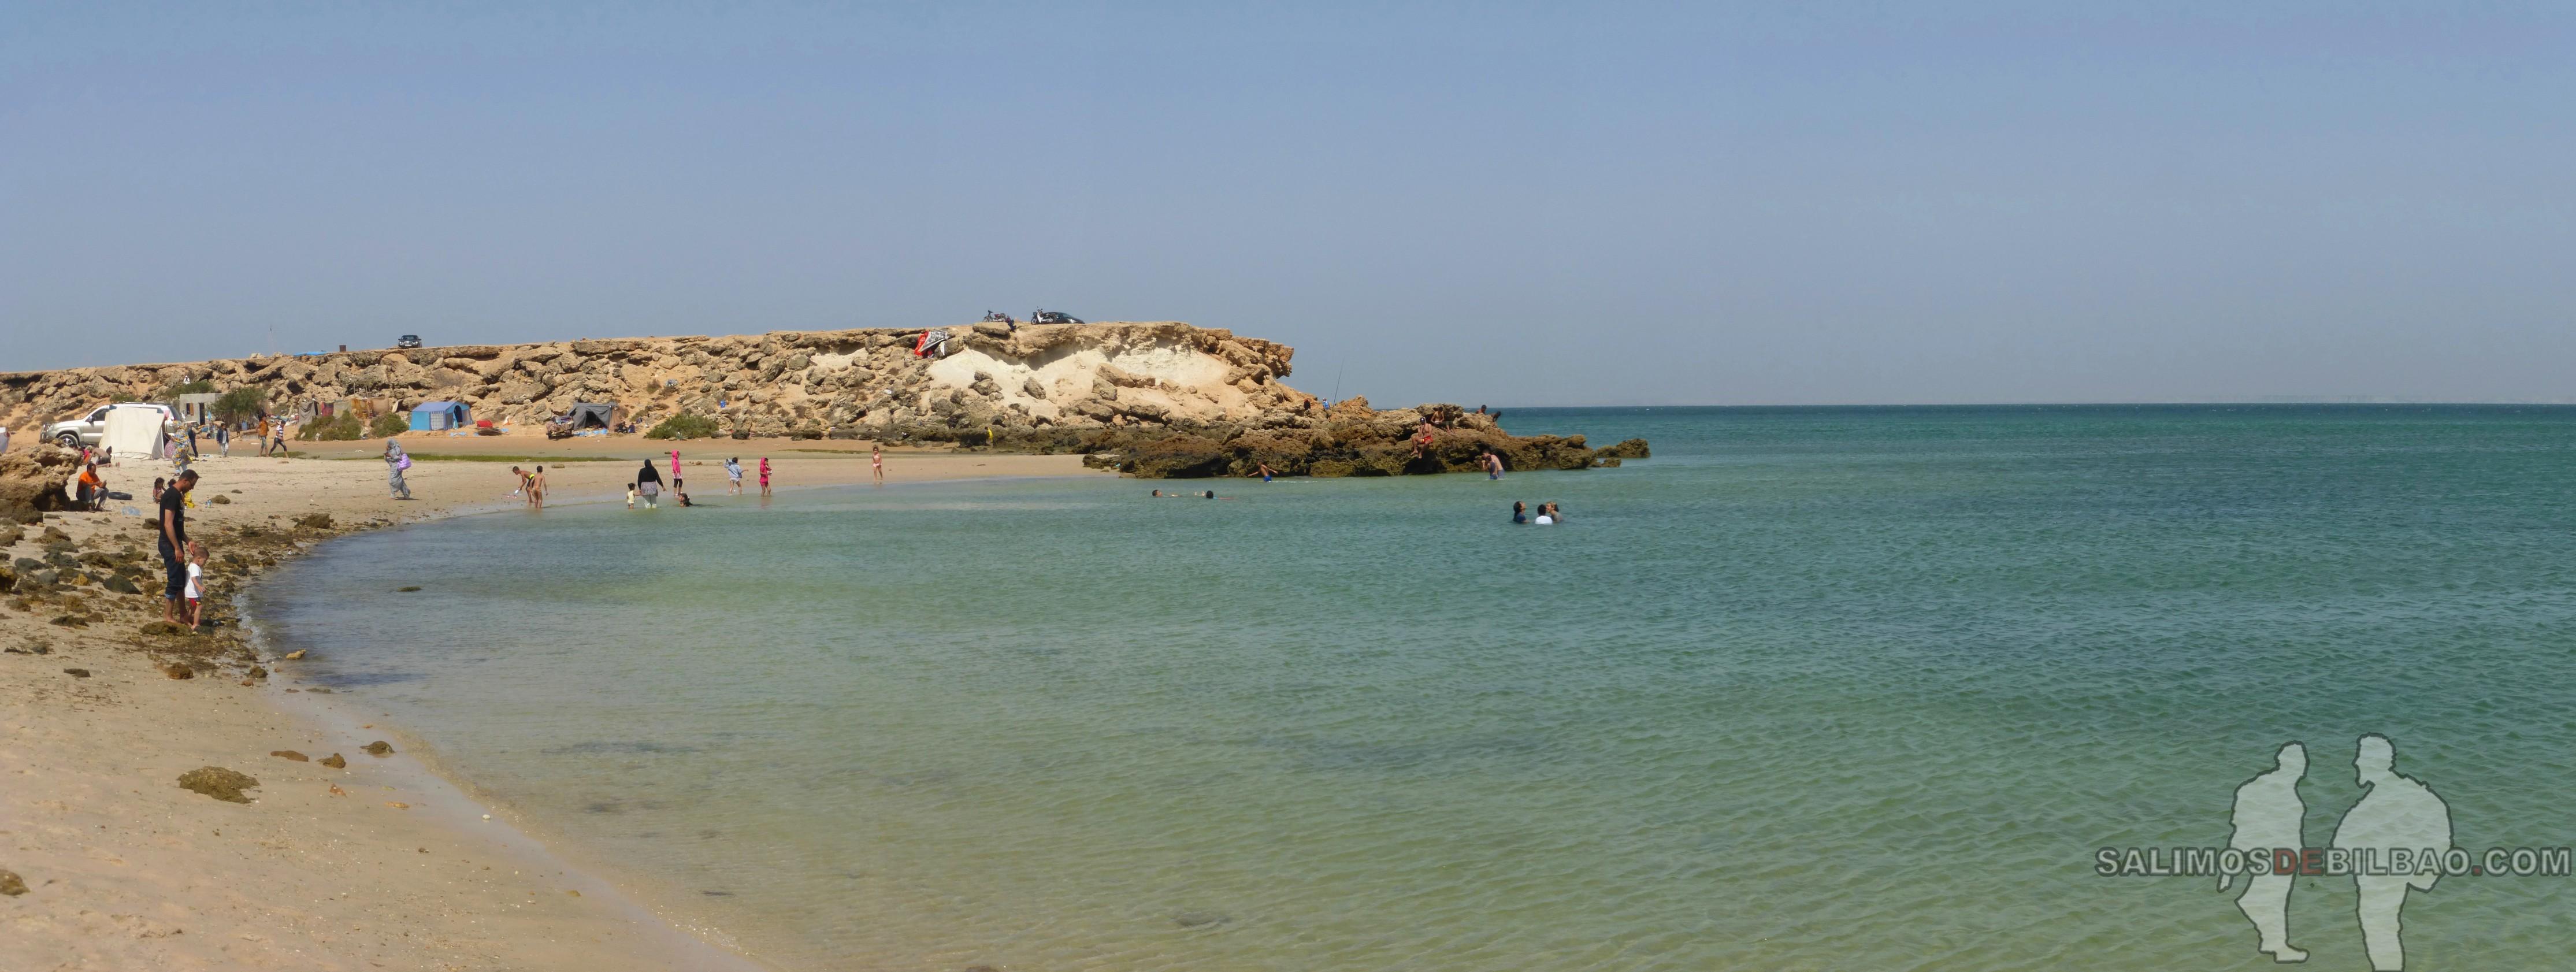 0128. Pano, Playa de los Saharauis, Trayecto de La Source a Dakhla